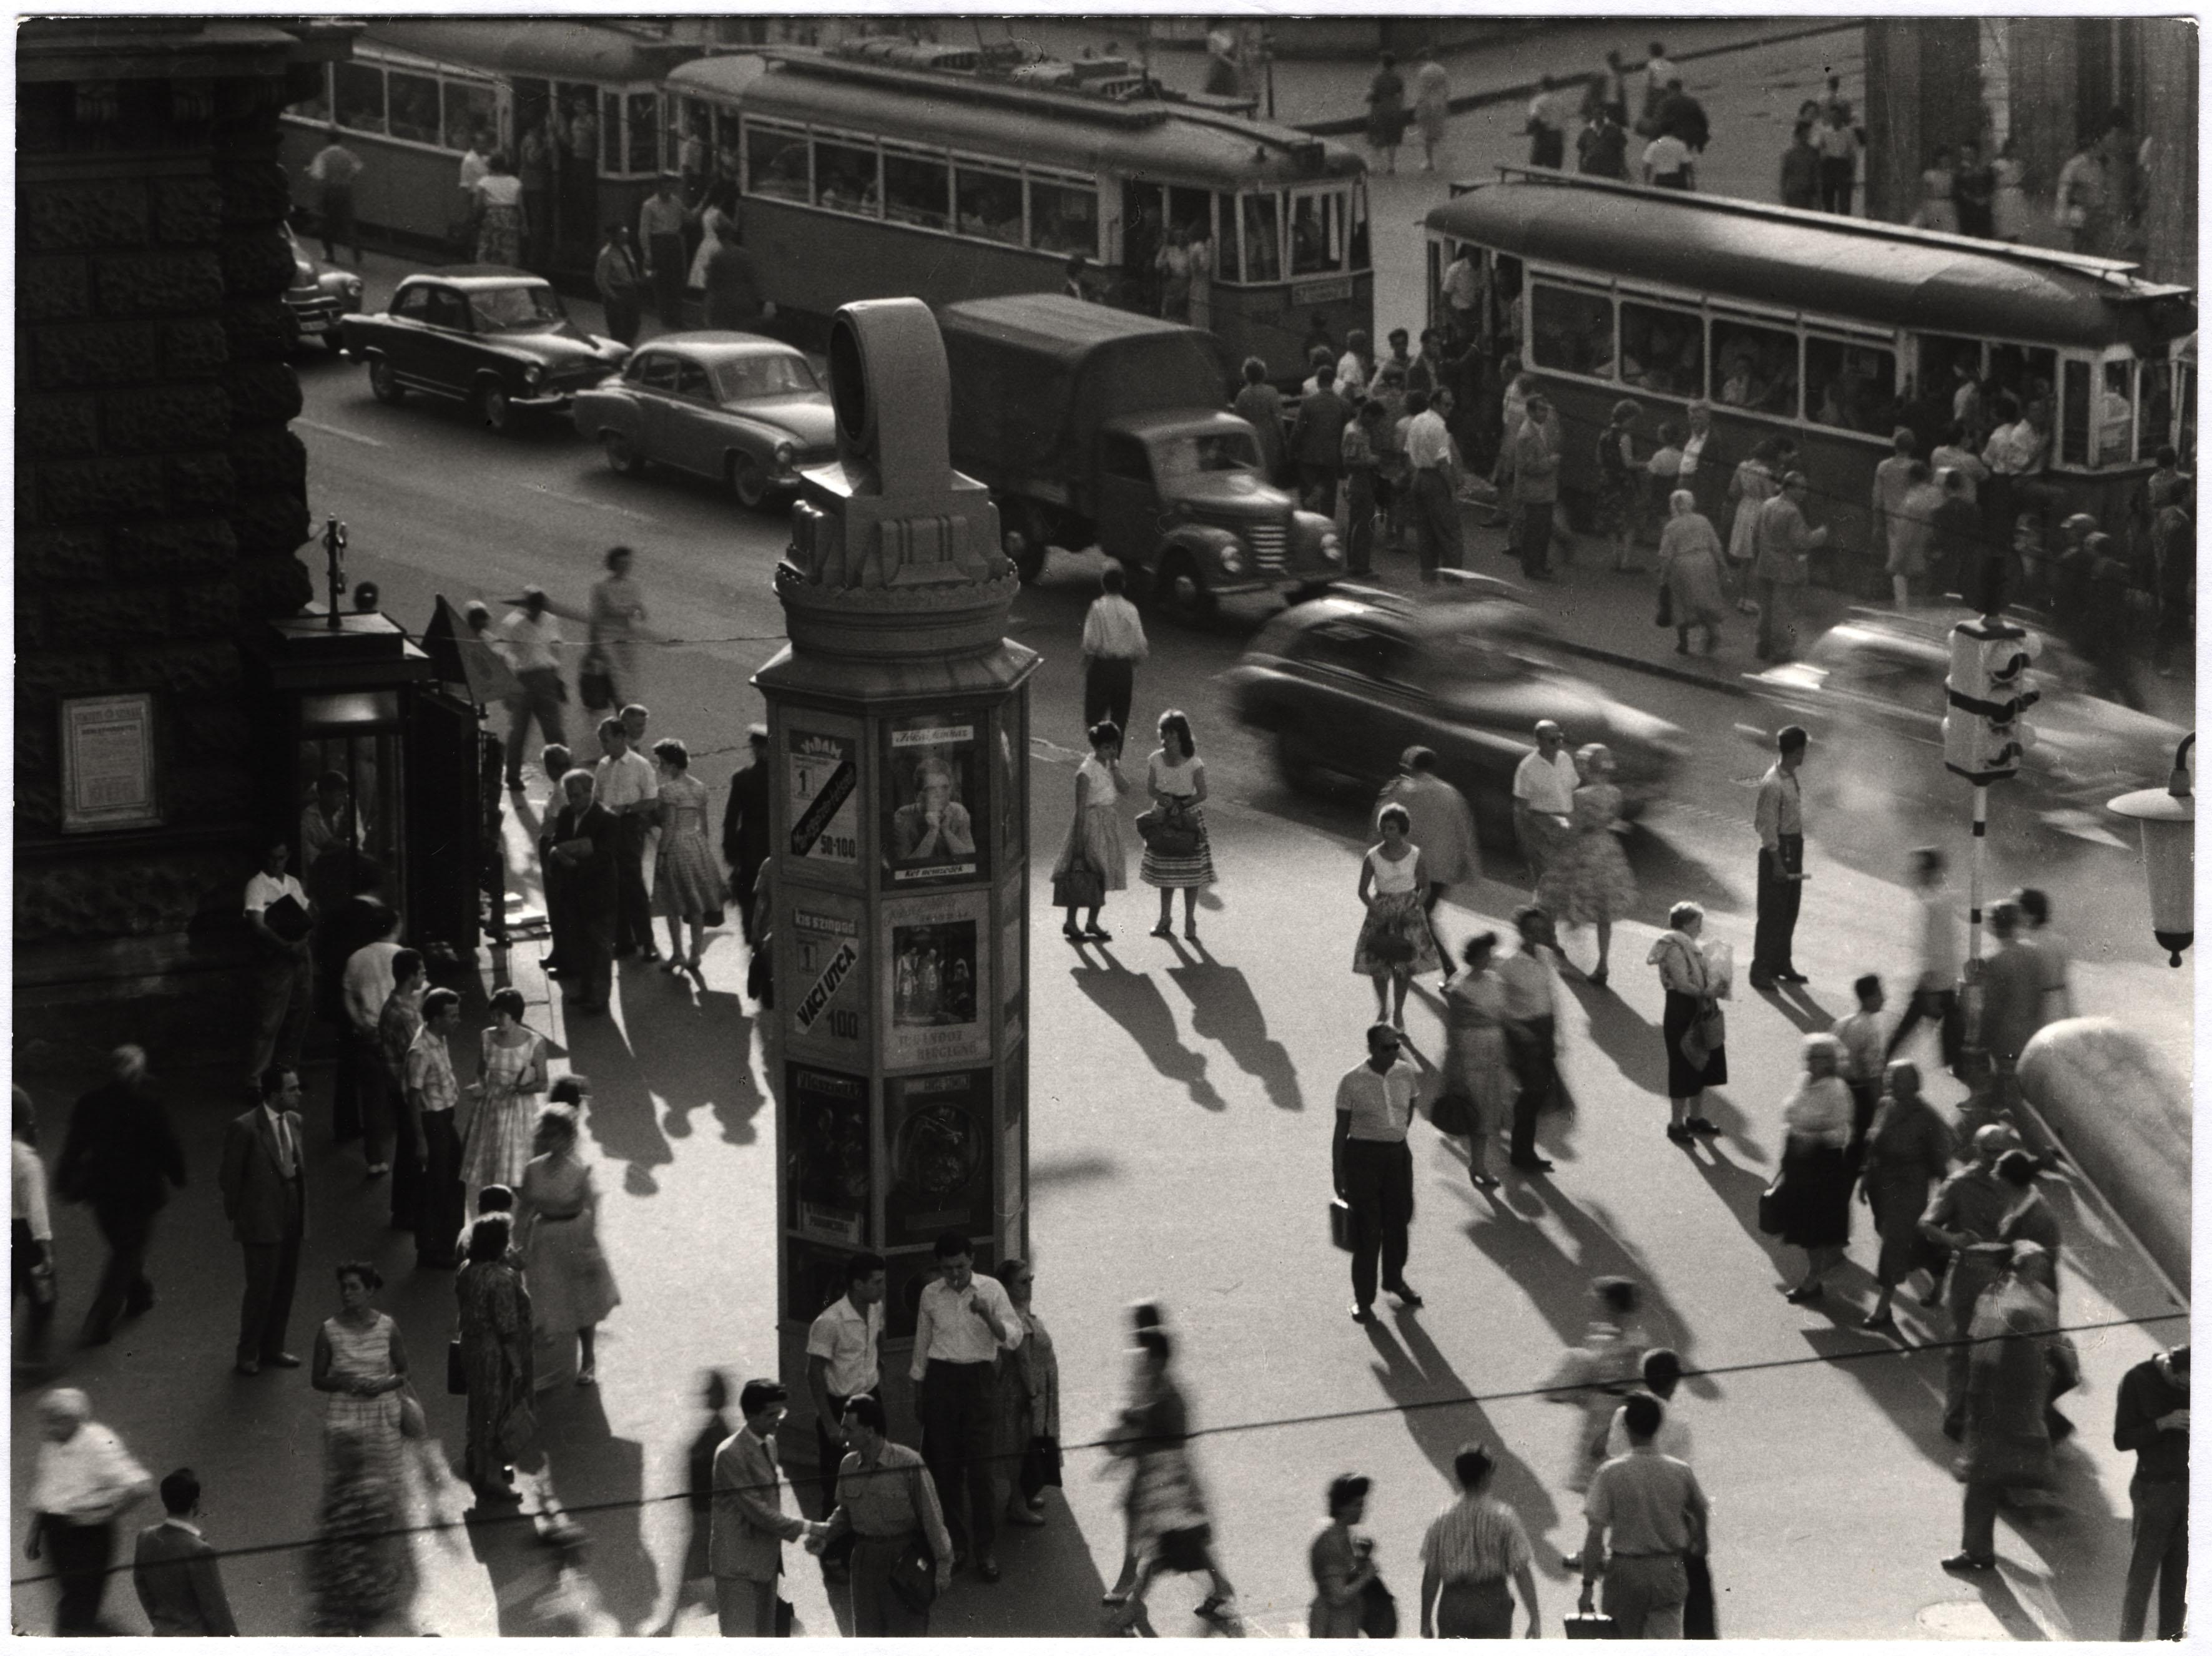 Fotó: Gink Károly: Gyalogosok a Blaha Lujza téren, 1958 © Magyar Fotográfiai Múzeum